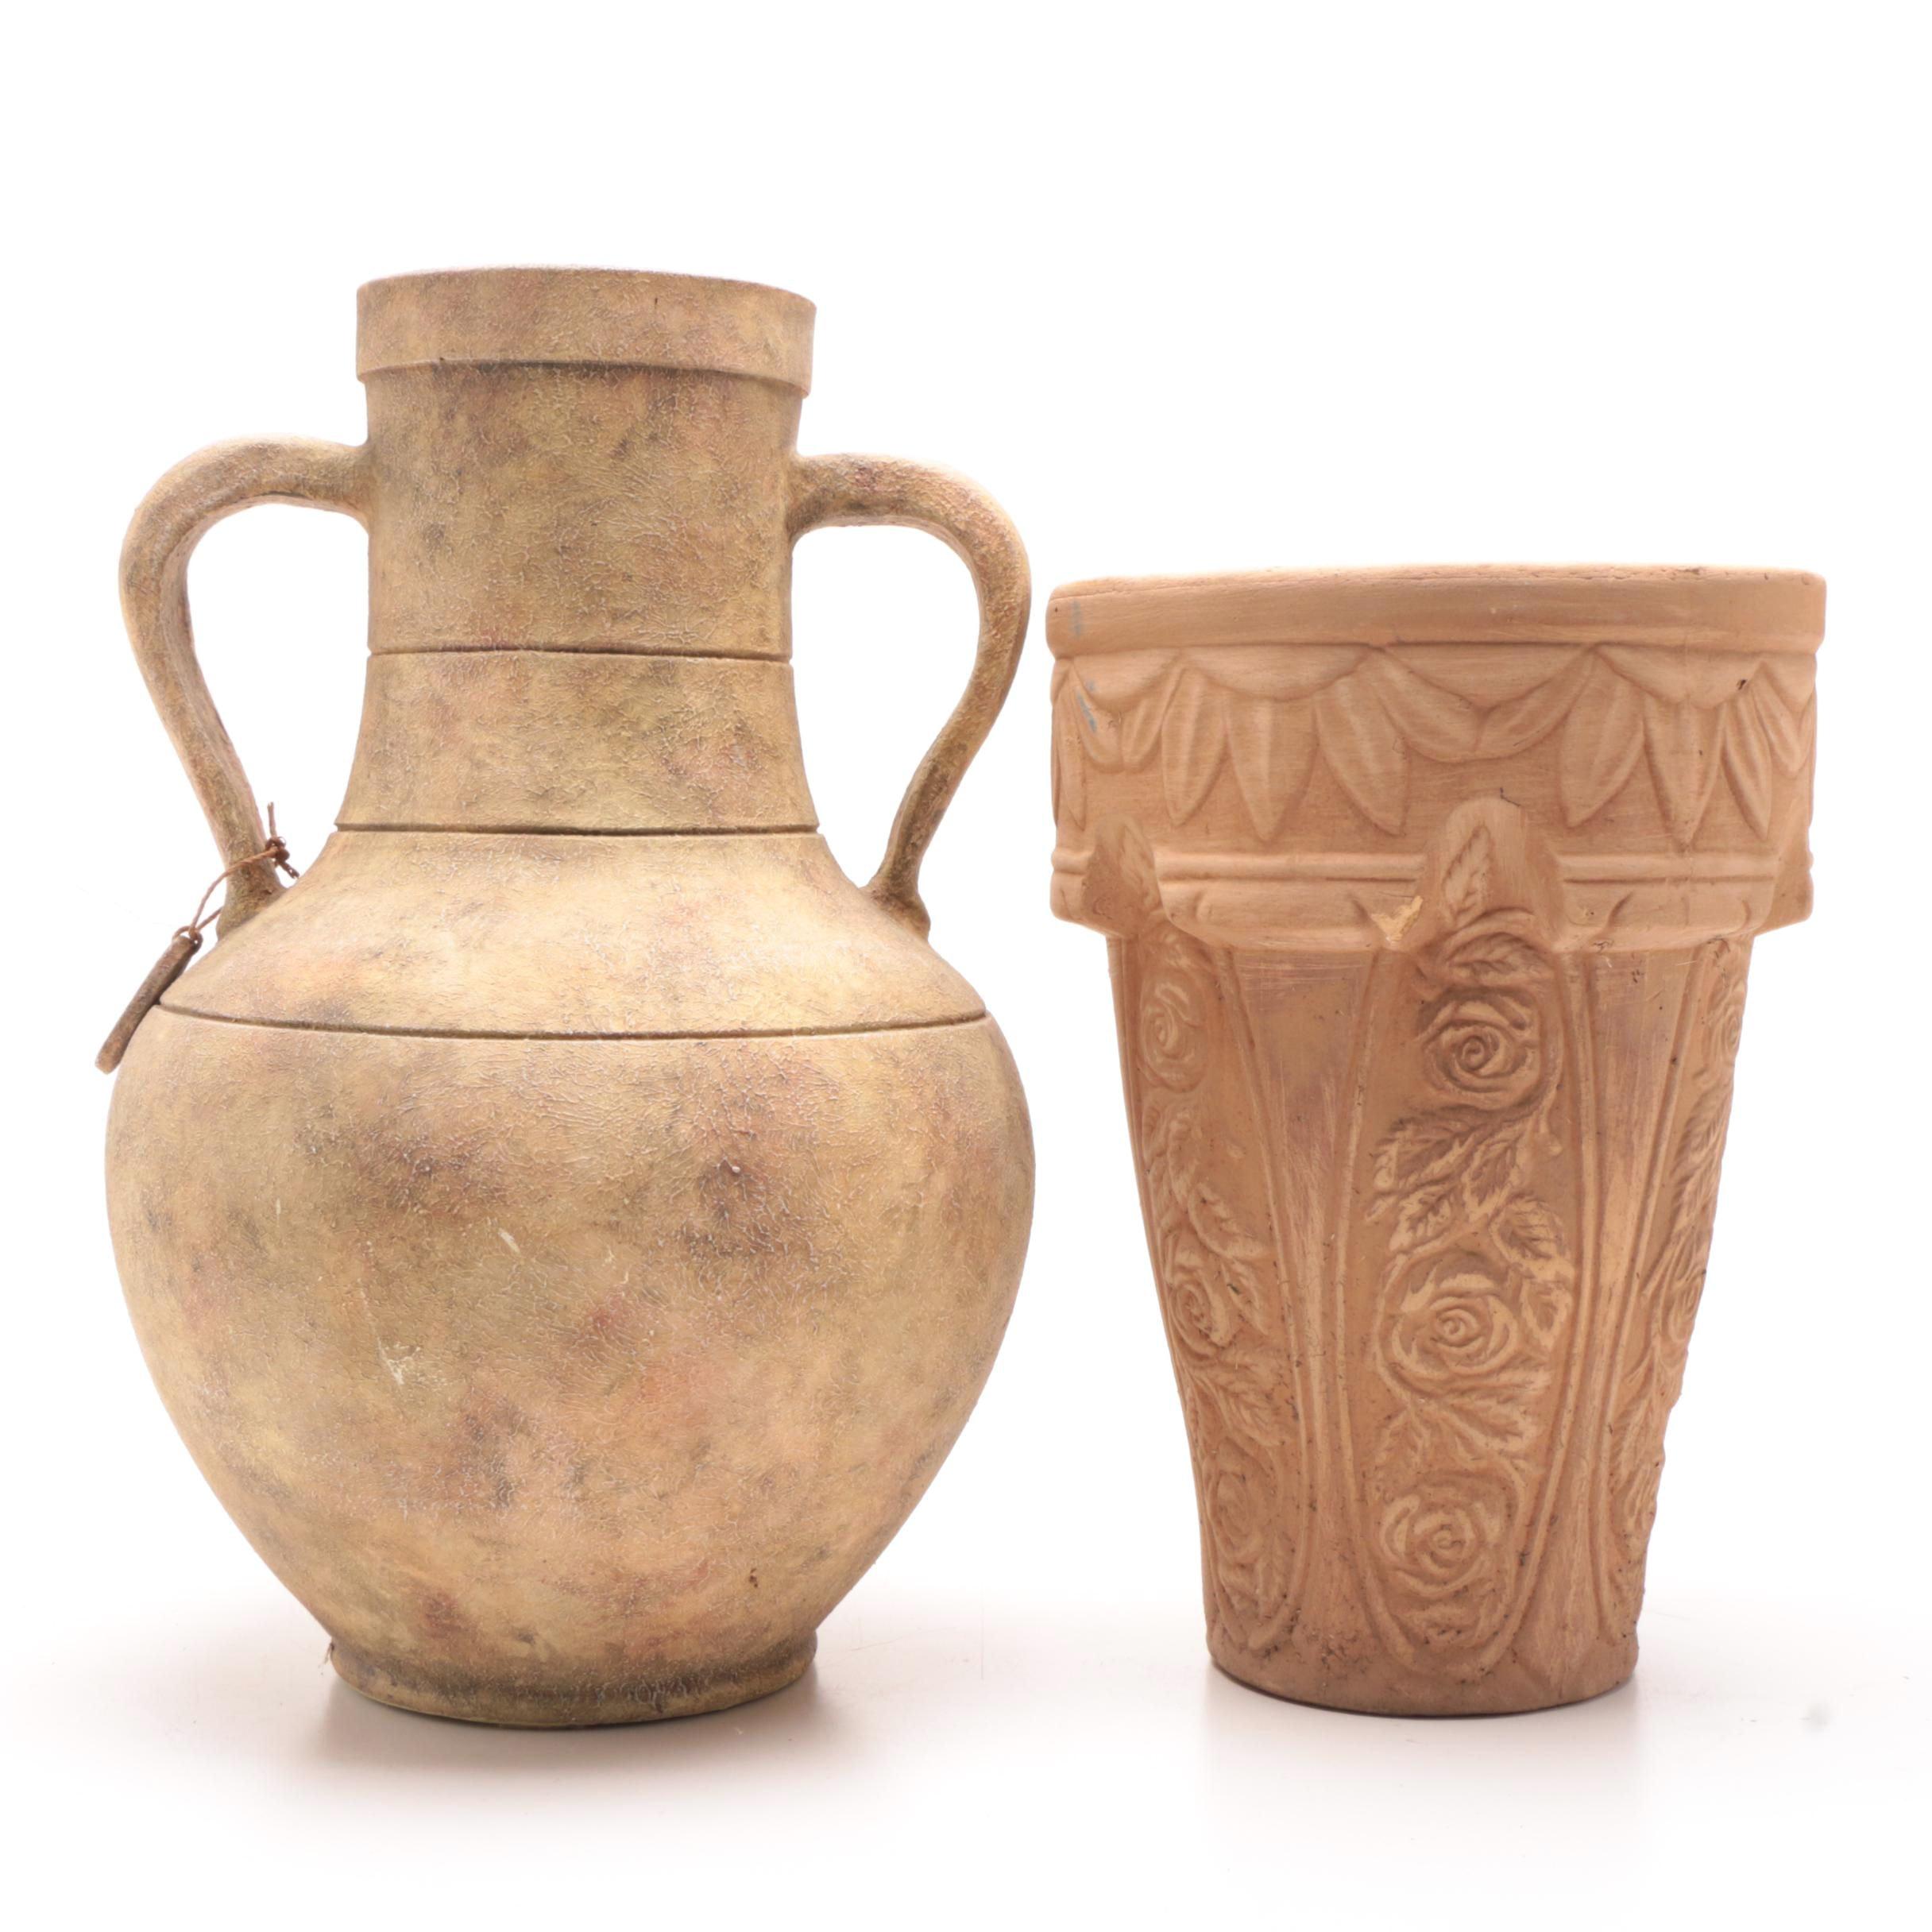 Outdoor Ceramic Planter and Vase